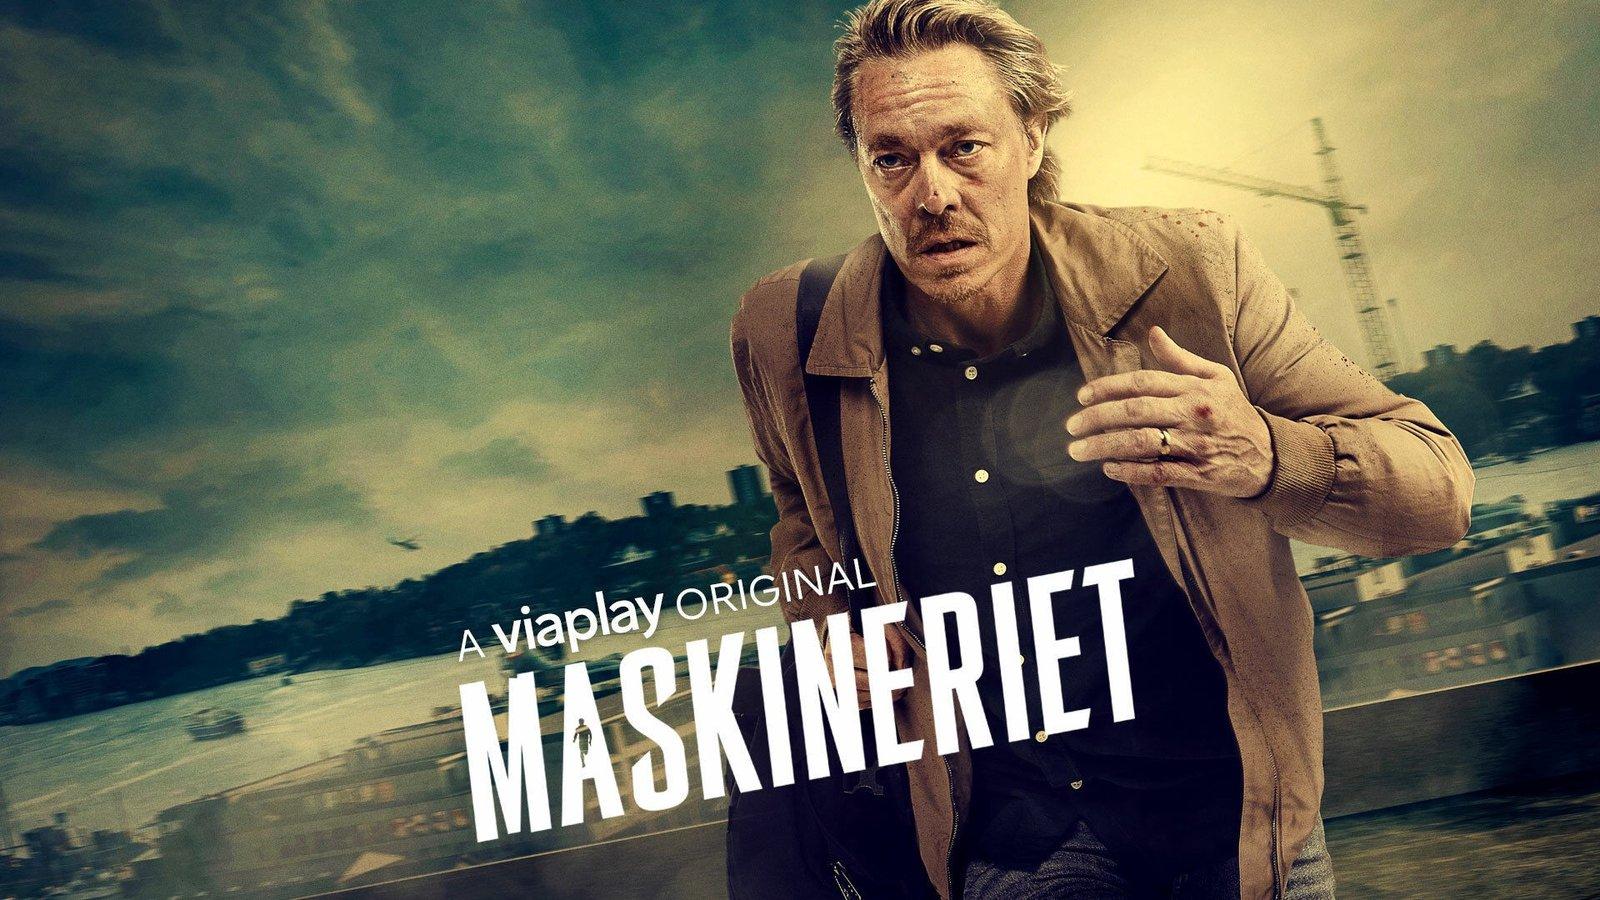 Механизм / Maskineriet (1 сезон)